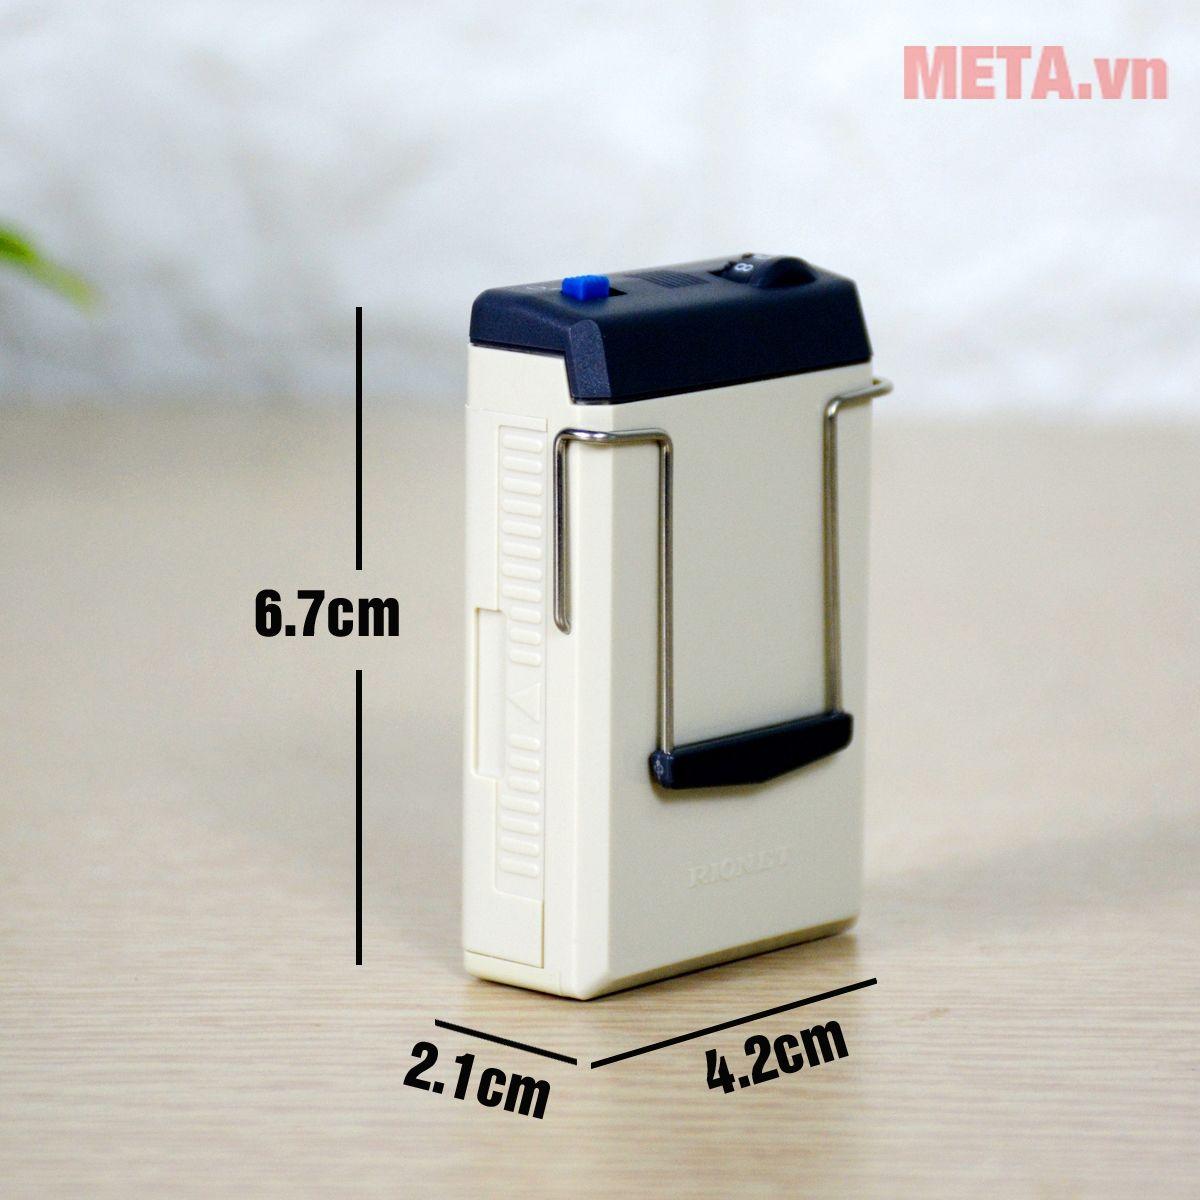 Kích thước máy trợ thính dây đeo Rionet HA-20Dx